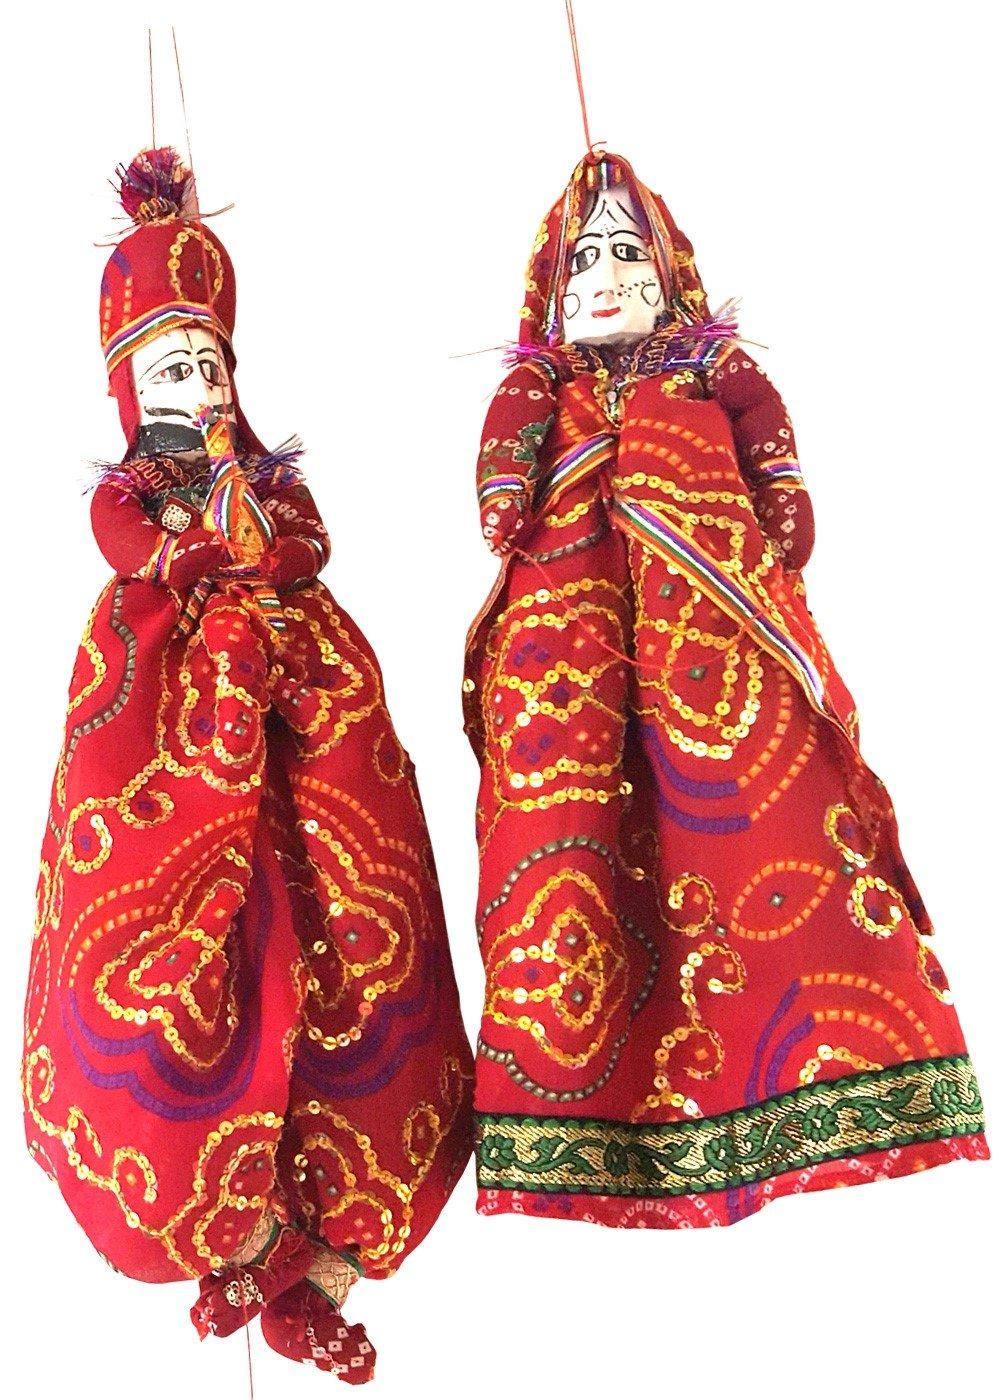 Handmade Bride Groom Folk Art Puppets